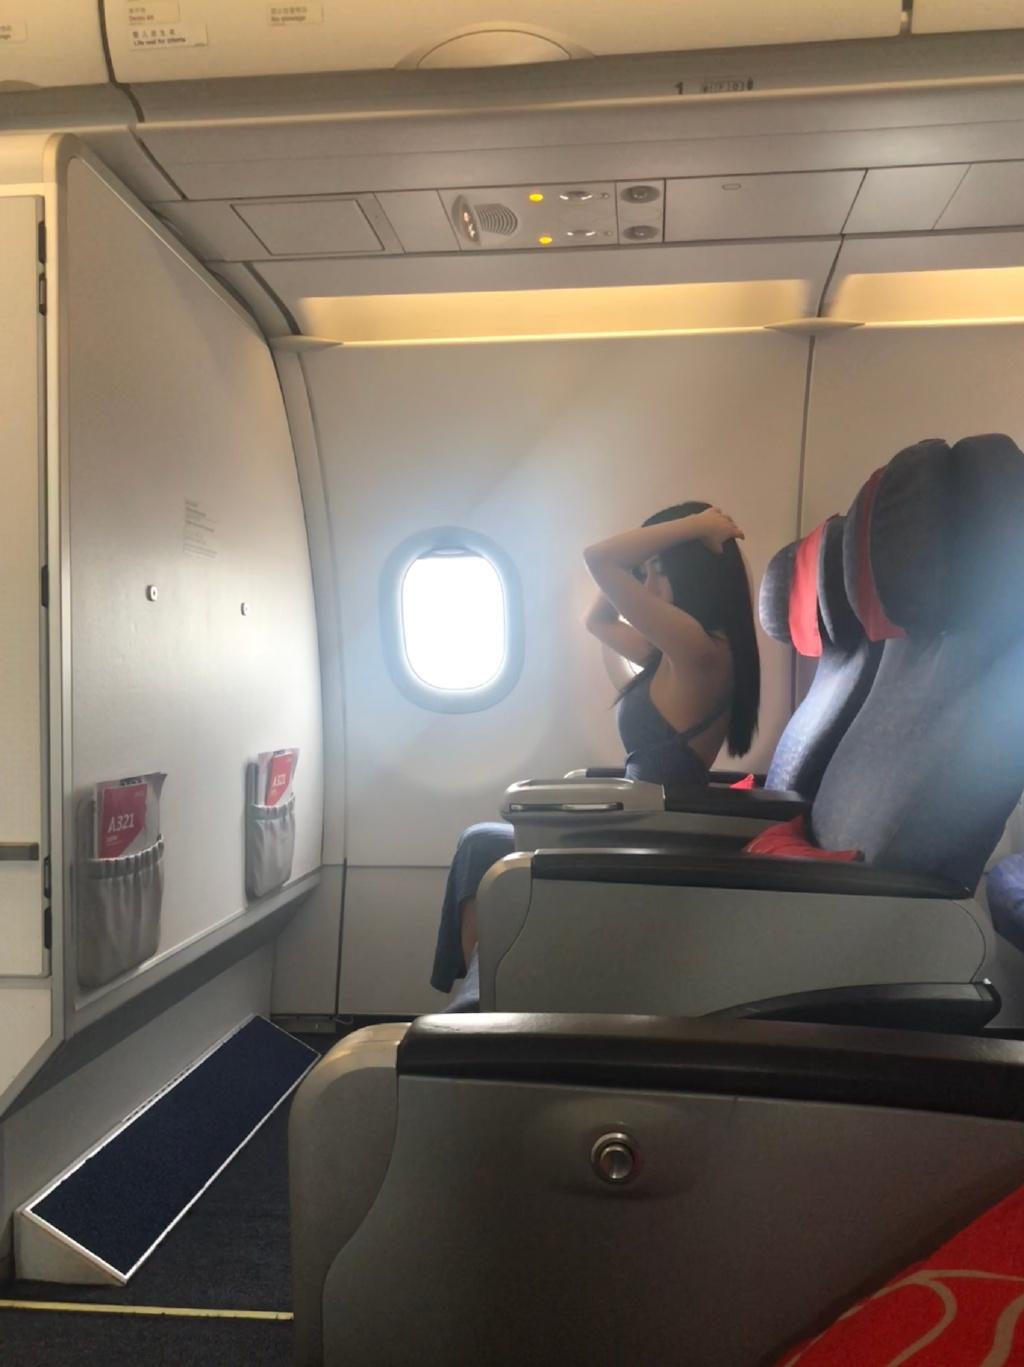 坐飞机头等舱有什么好?头等舱的隐形福利竟然是这个! liuliushe.net六六社 第2张